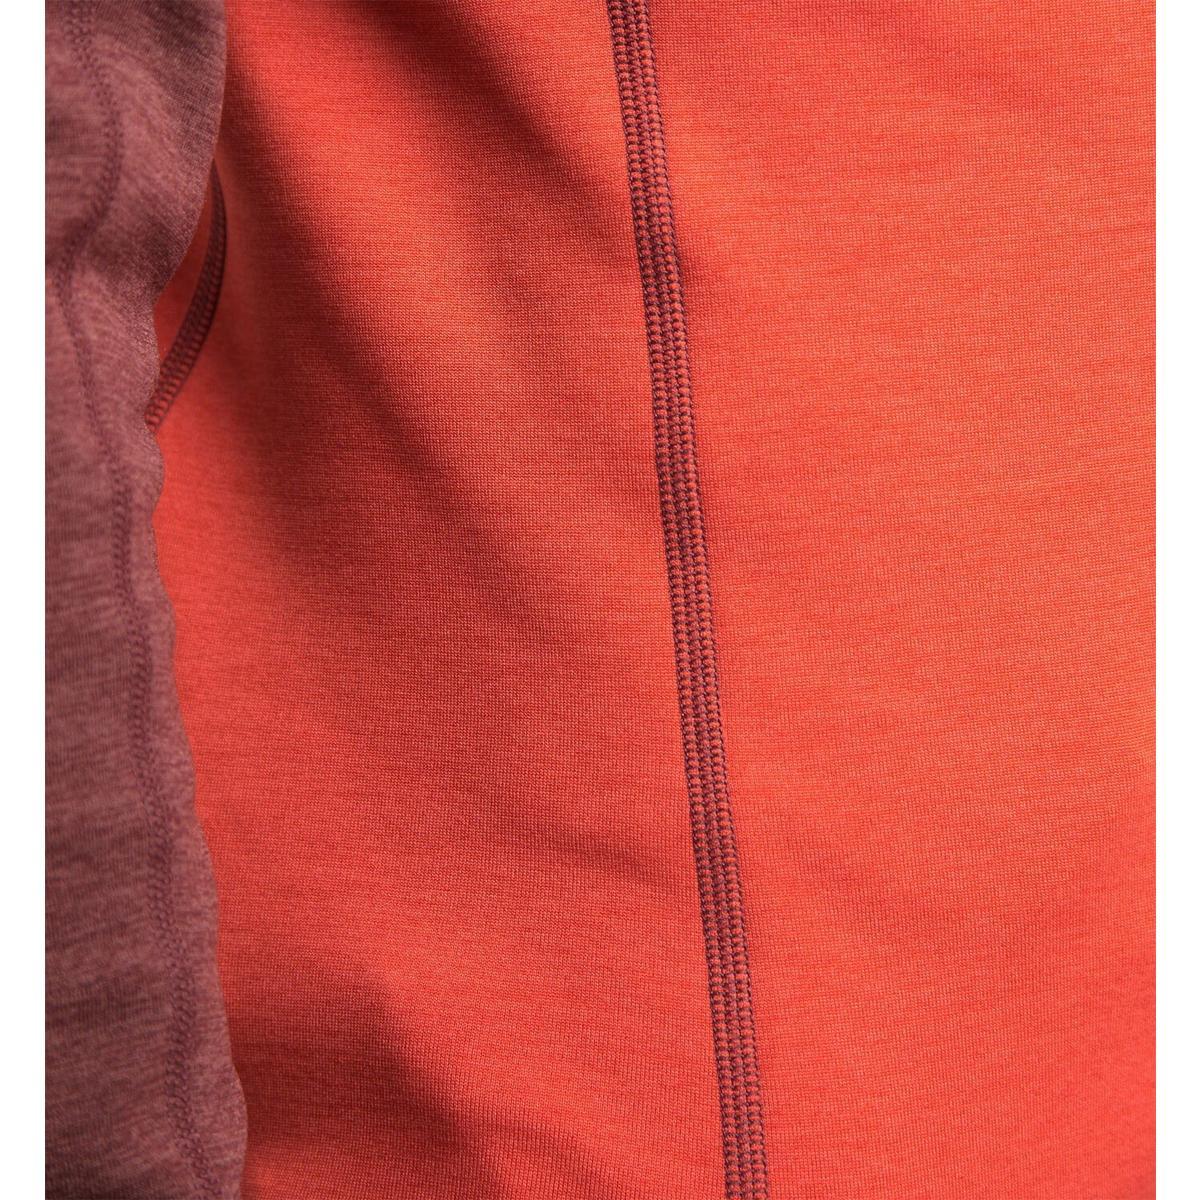 Haglofs Men's Haglofs Heron Half Zip - Orange